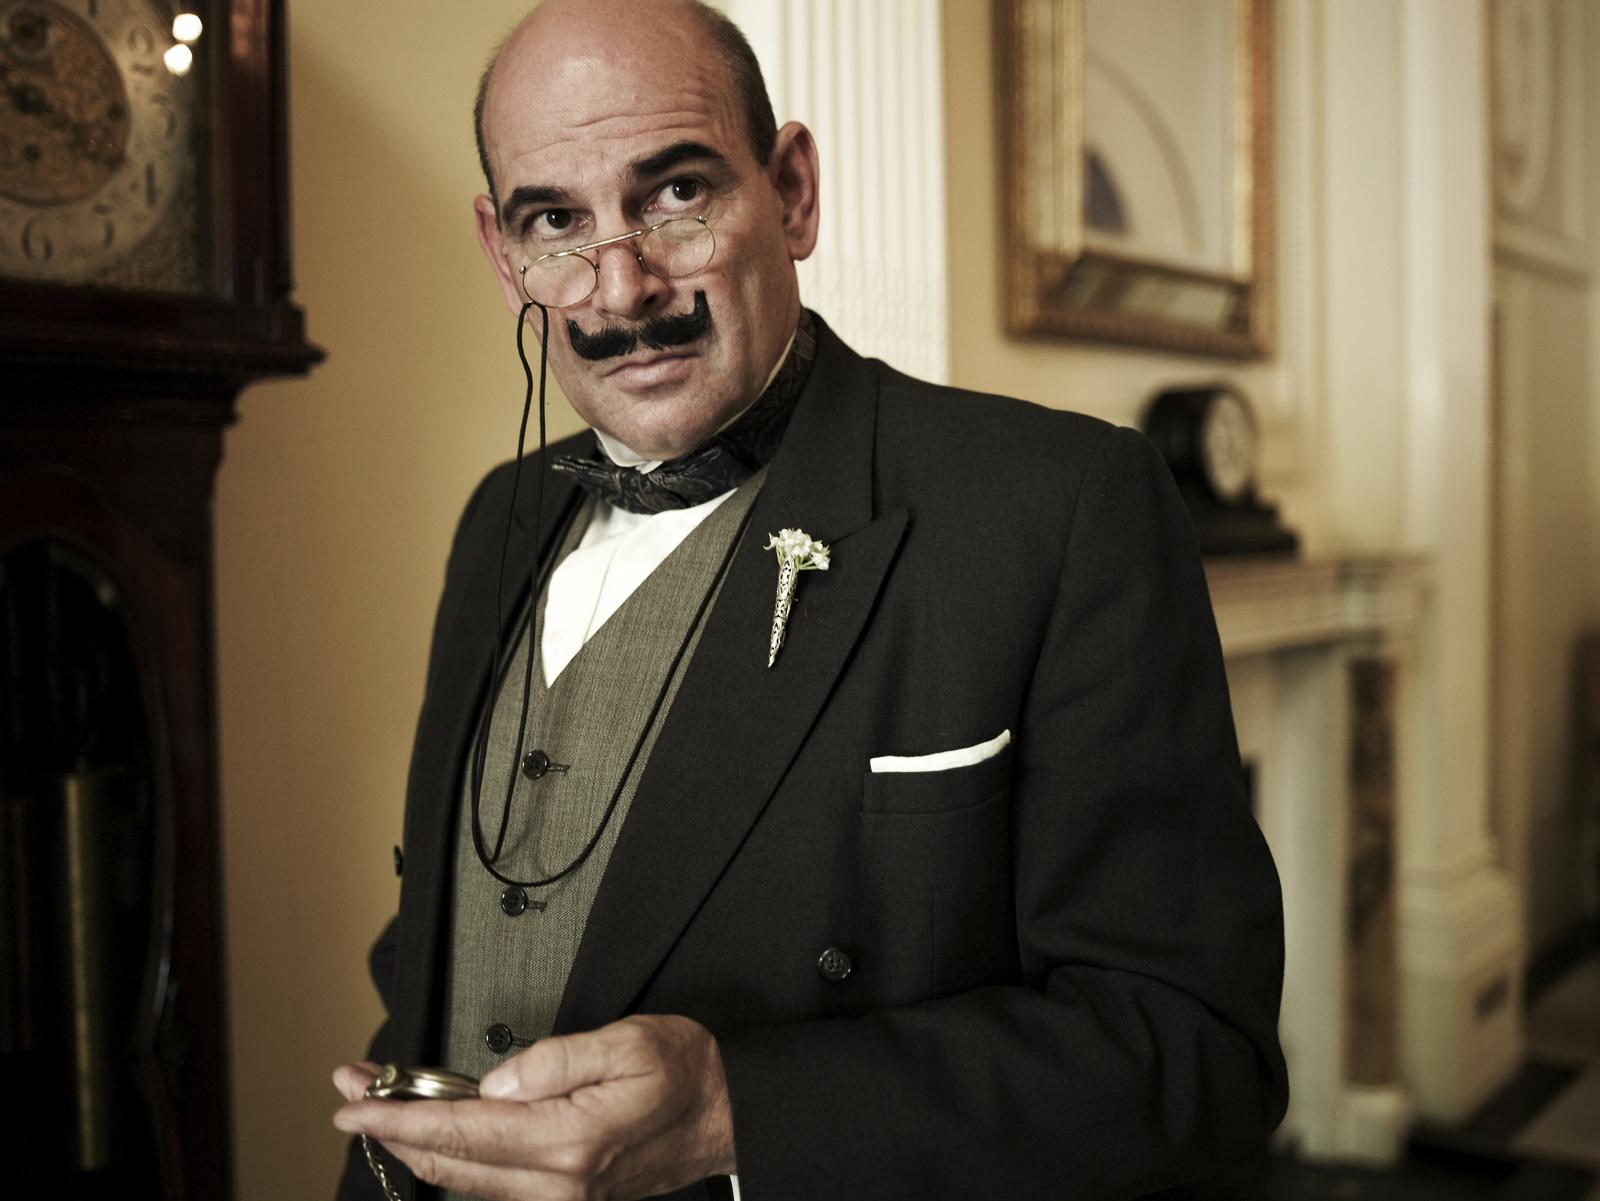 Poirot - Գրողներ, որոնք չեն սիրել իրենց ստեղծագործությունները